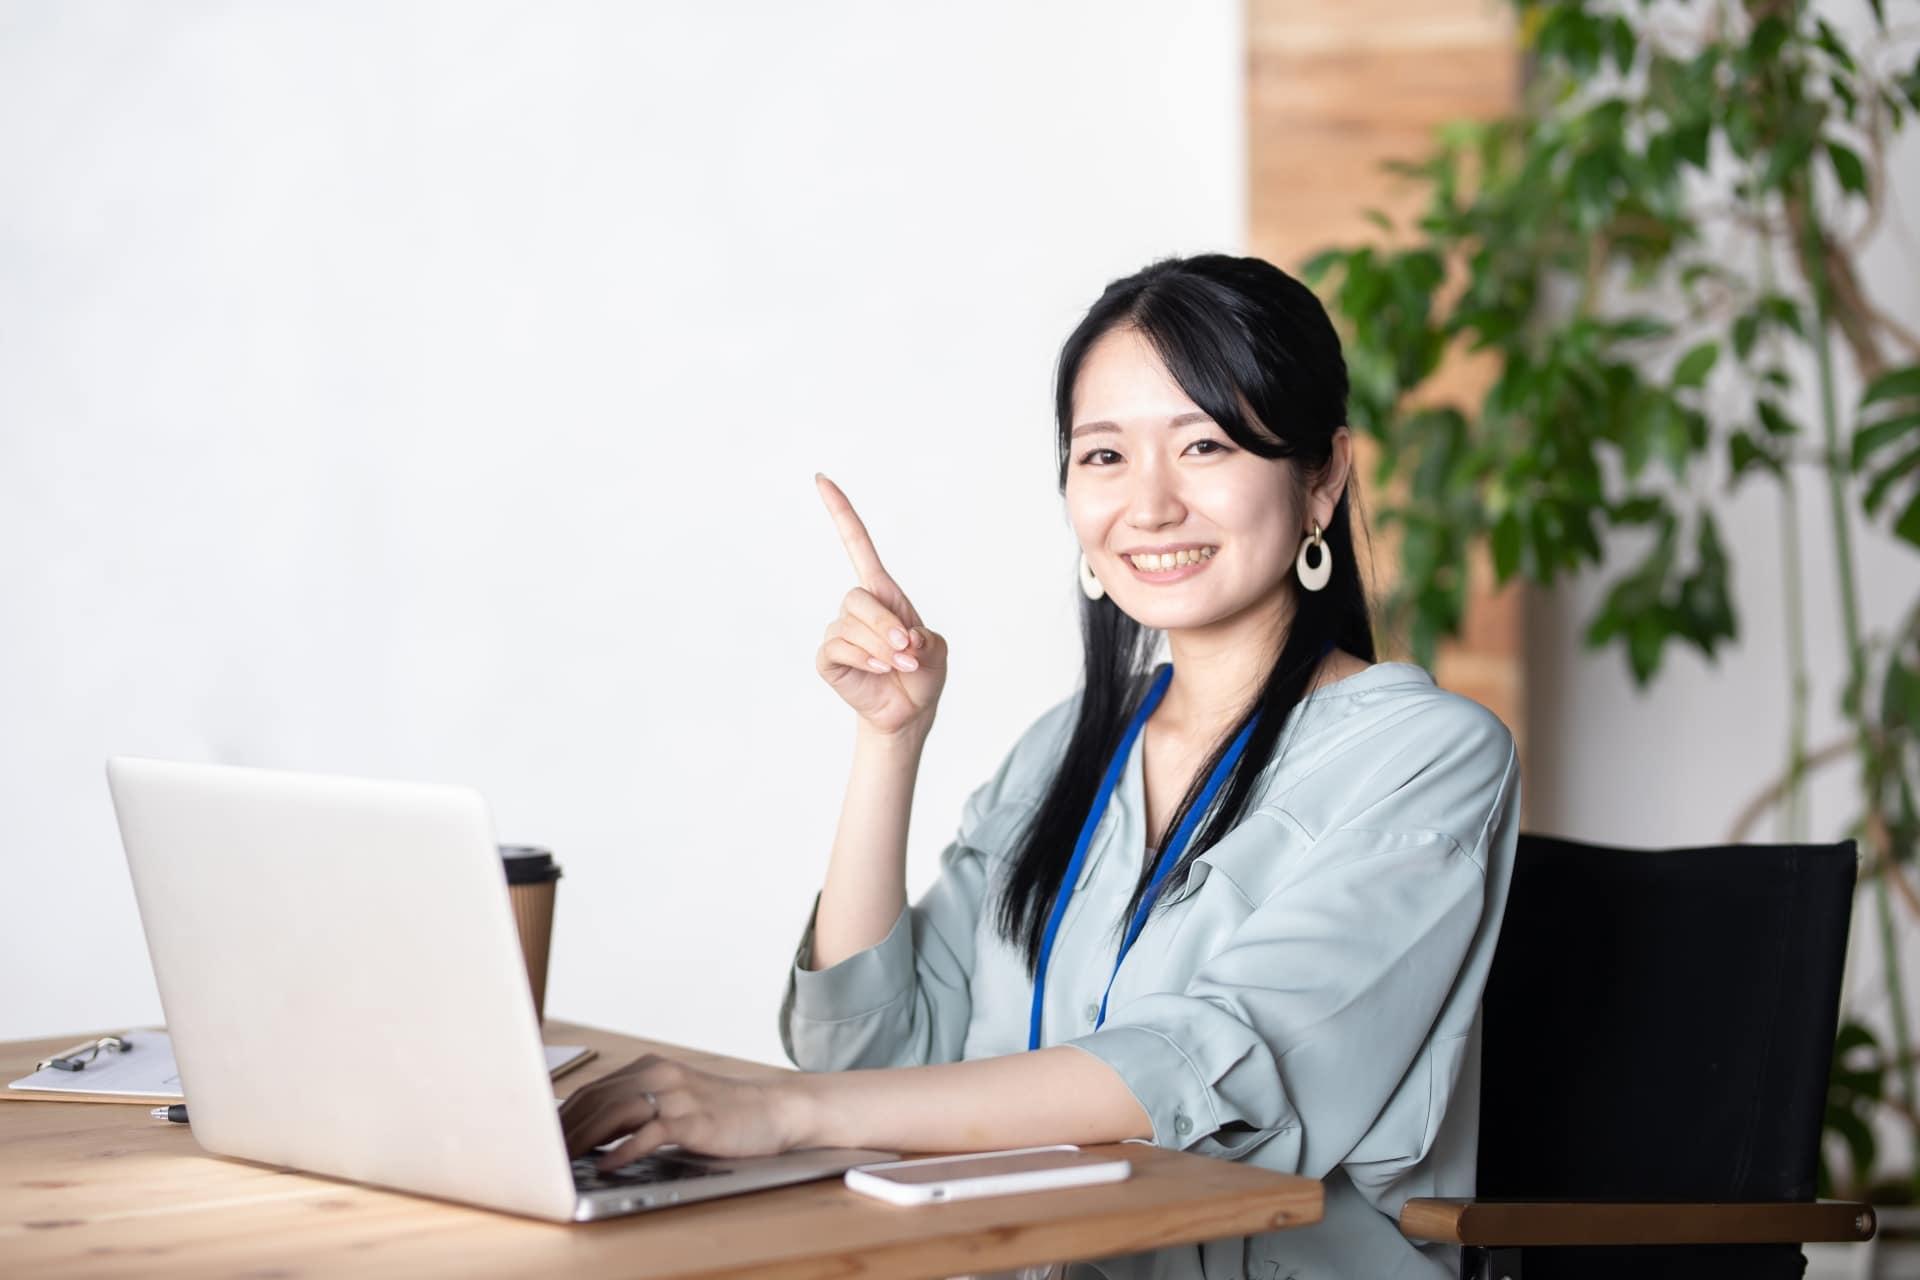 パソコン作業する女性の画像